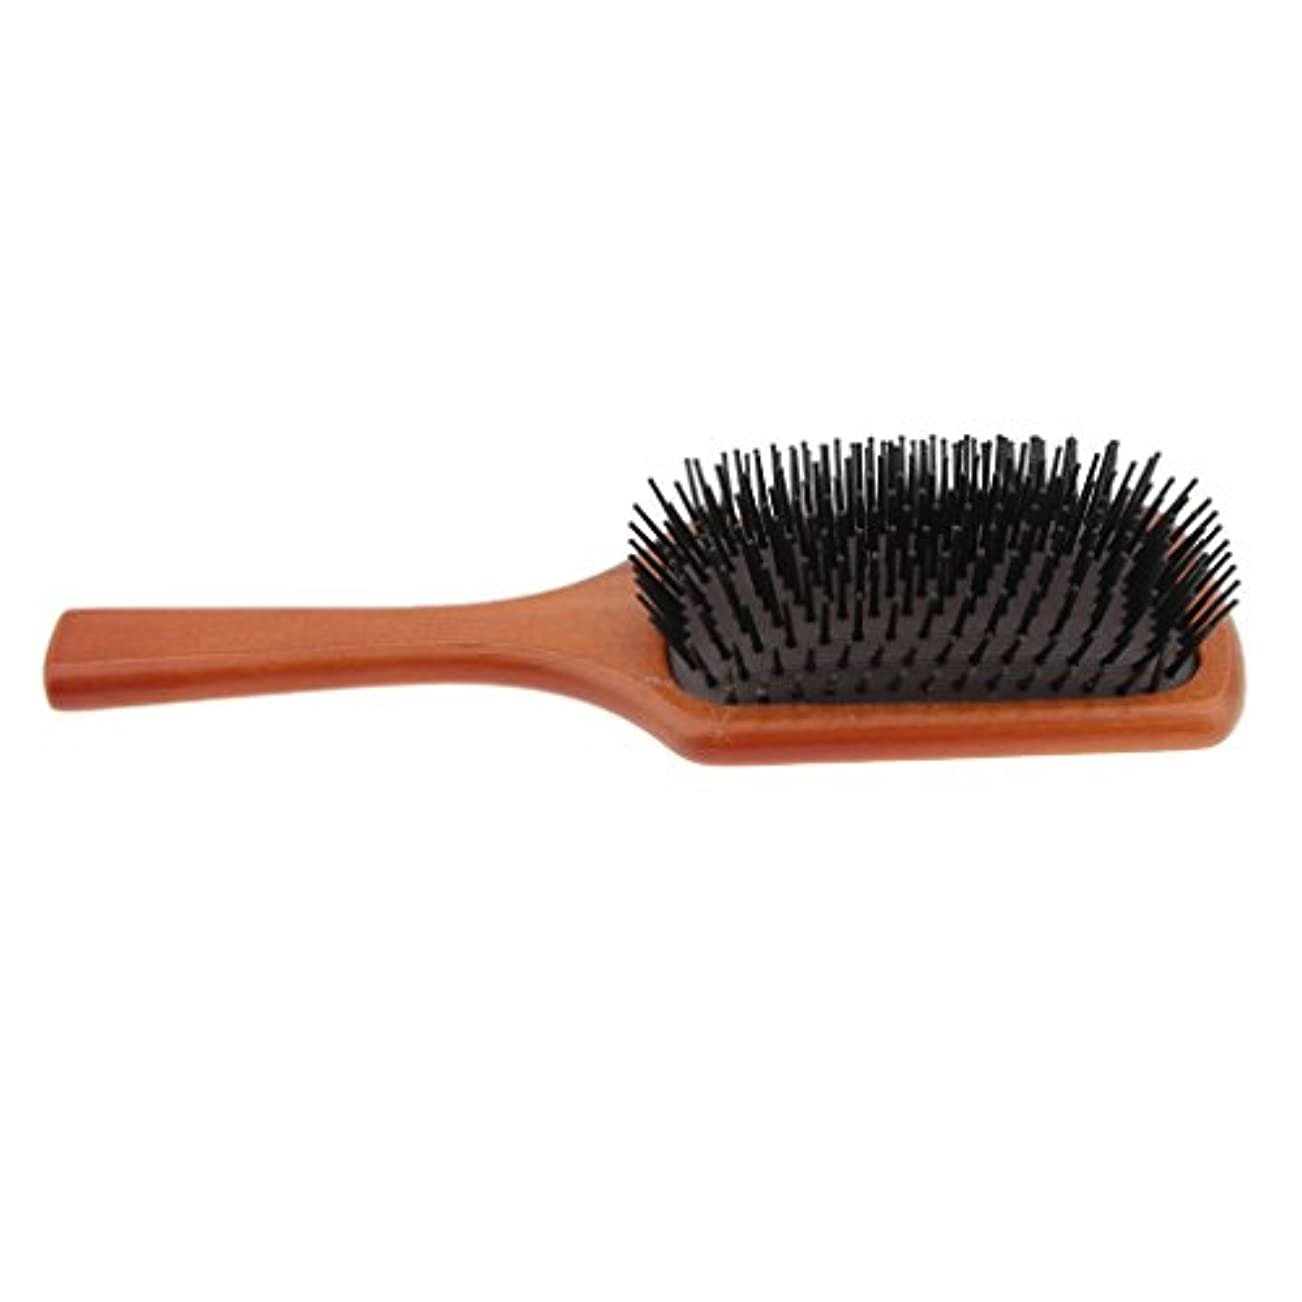 カートン発行写真を描くヘアブラシ 木製櫛 ヘアコーム ヘアダイコーム 頭皮 マッサージ ツール 帯電防止